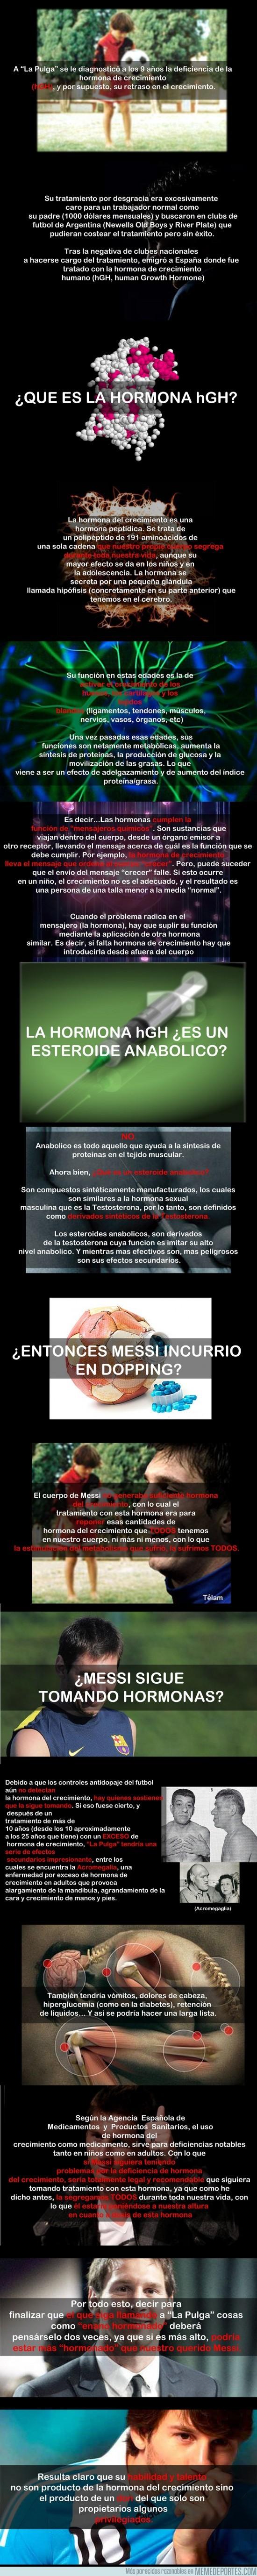 47725 - Messi y sus hormonas: Acabemos con la ignorancia